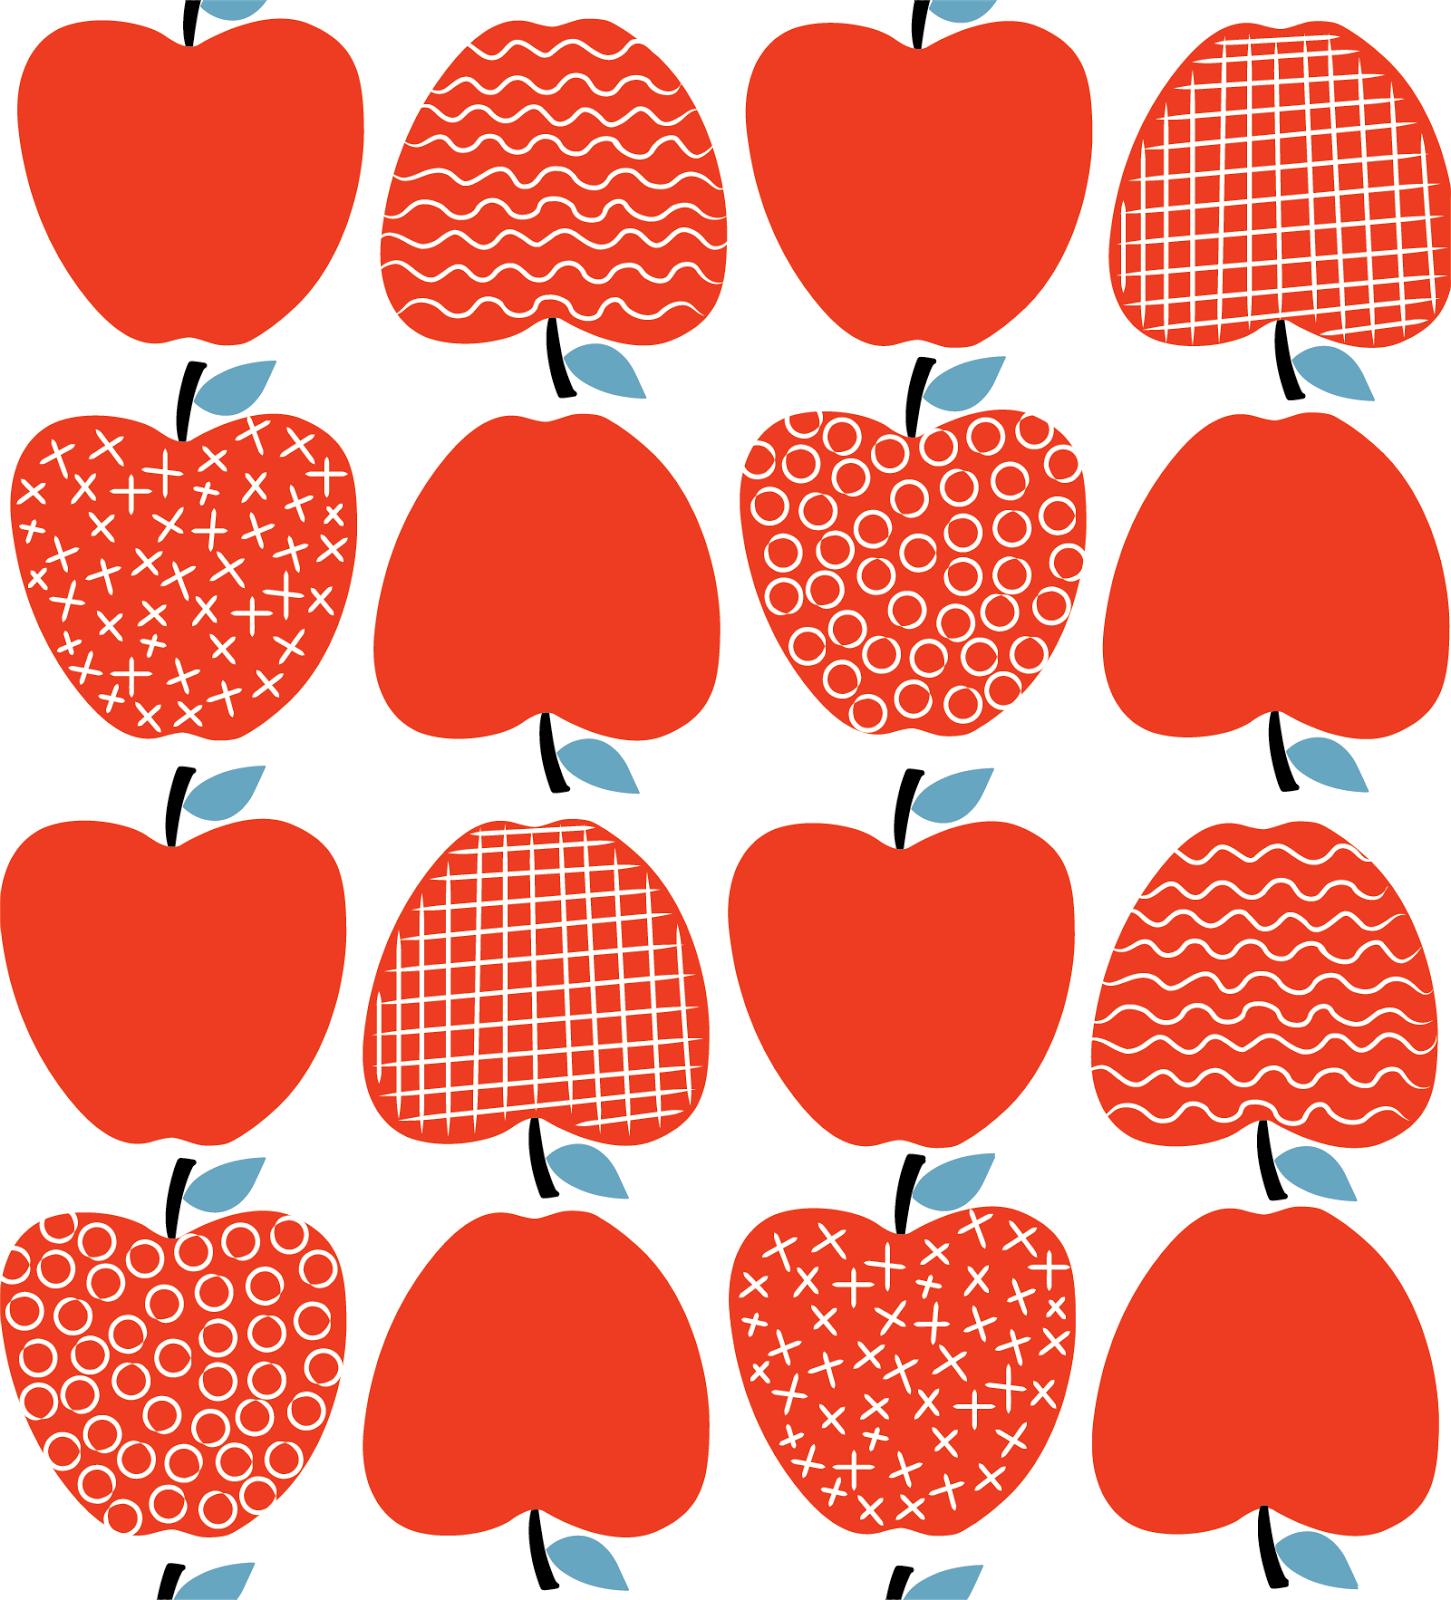 Blanketstitch New Patterns